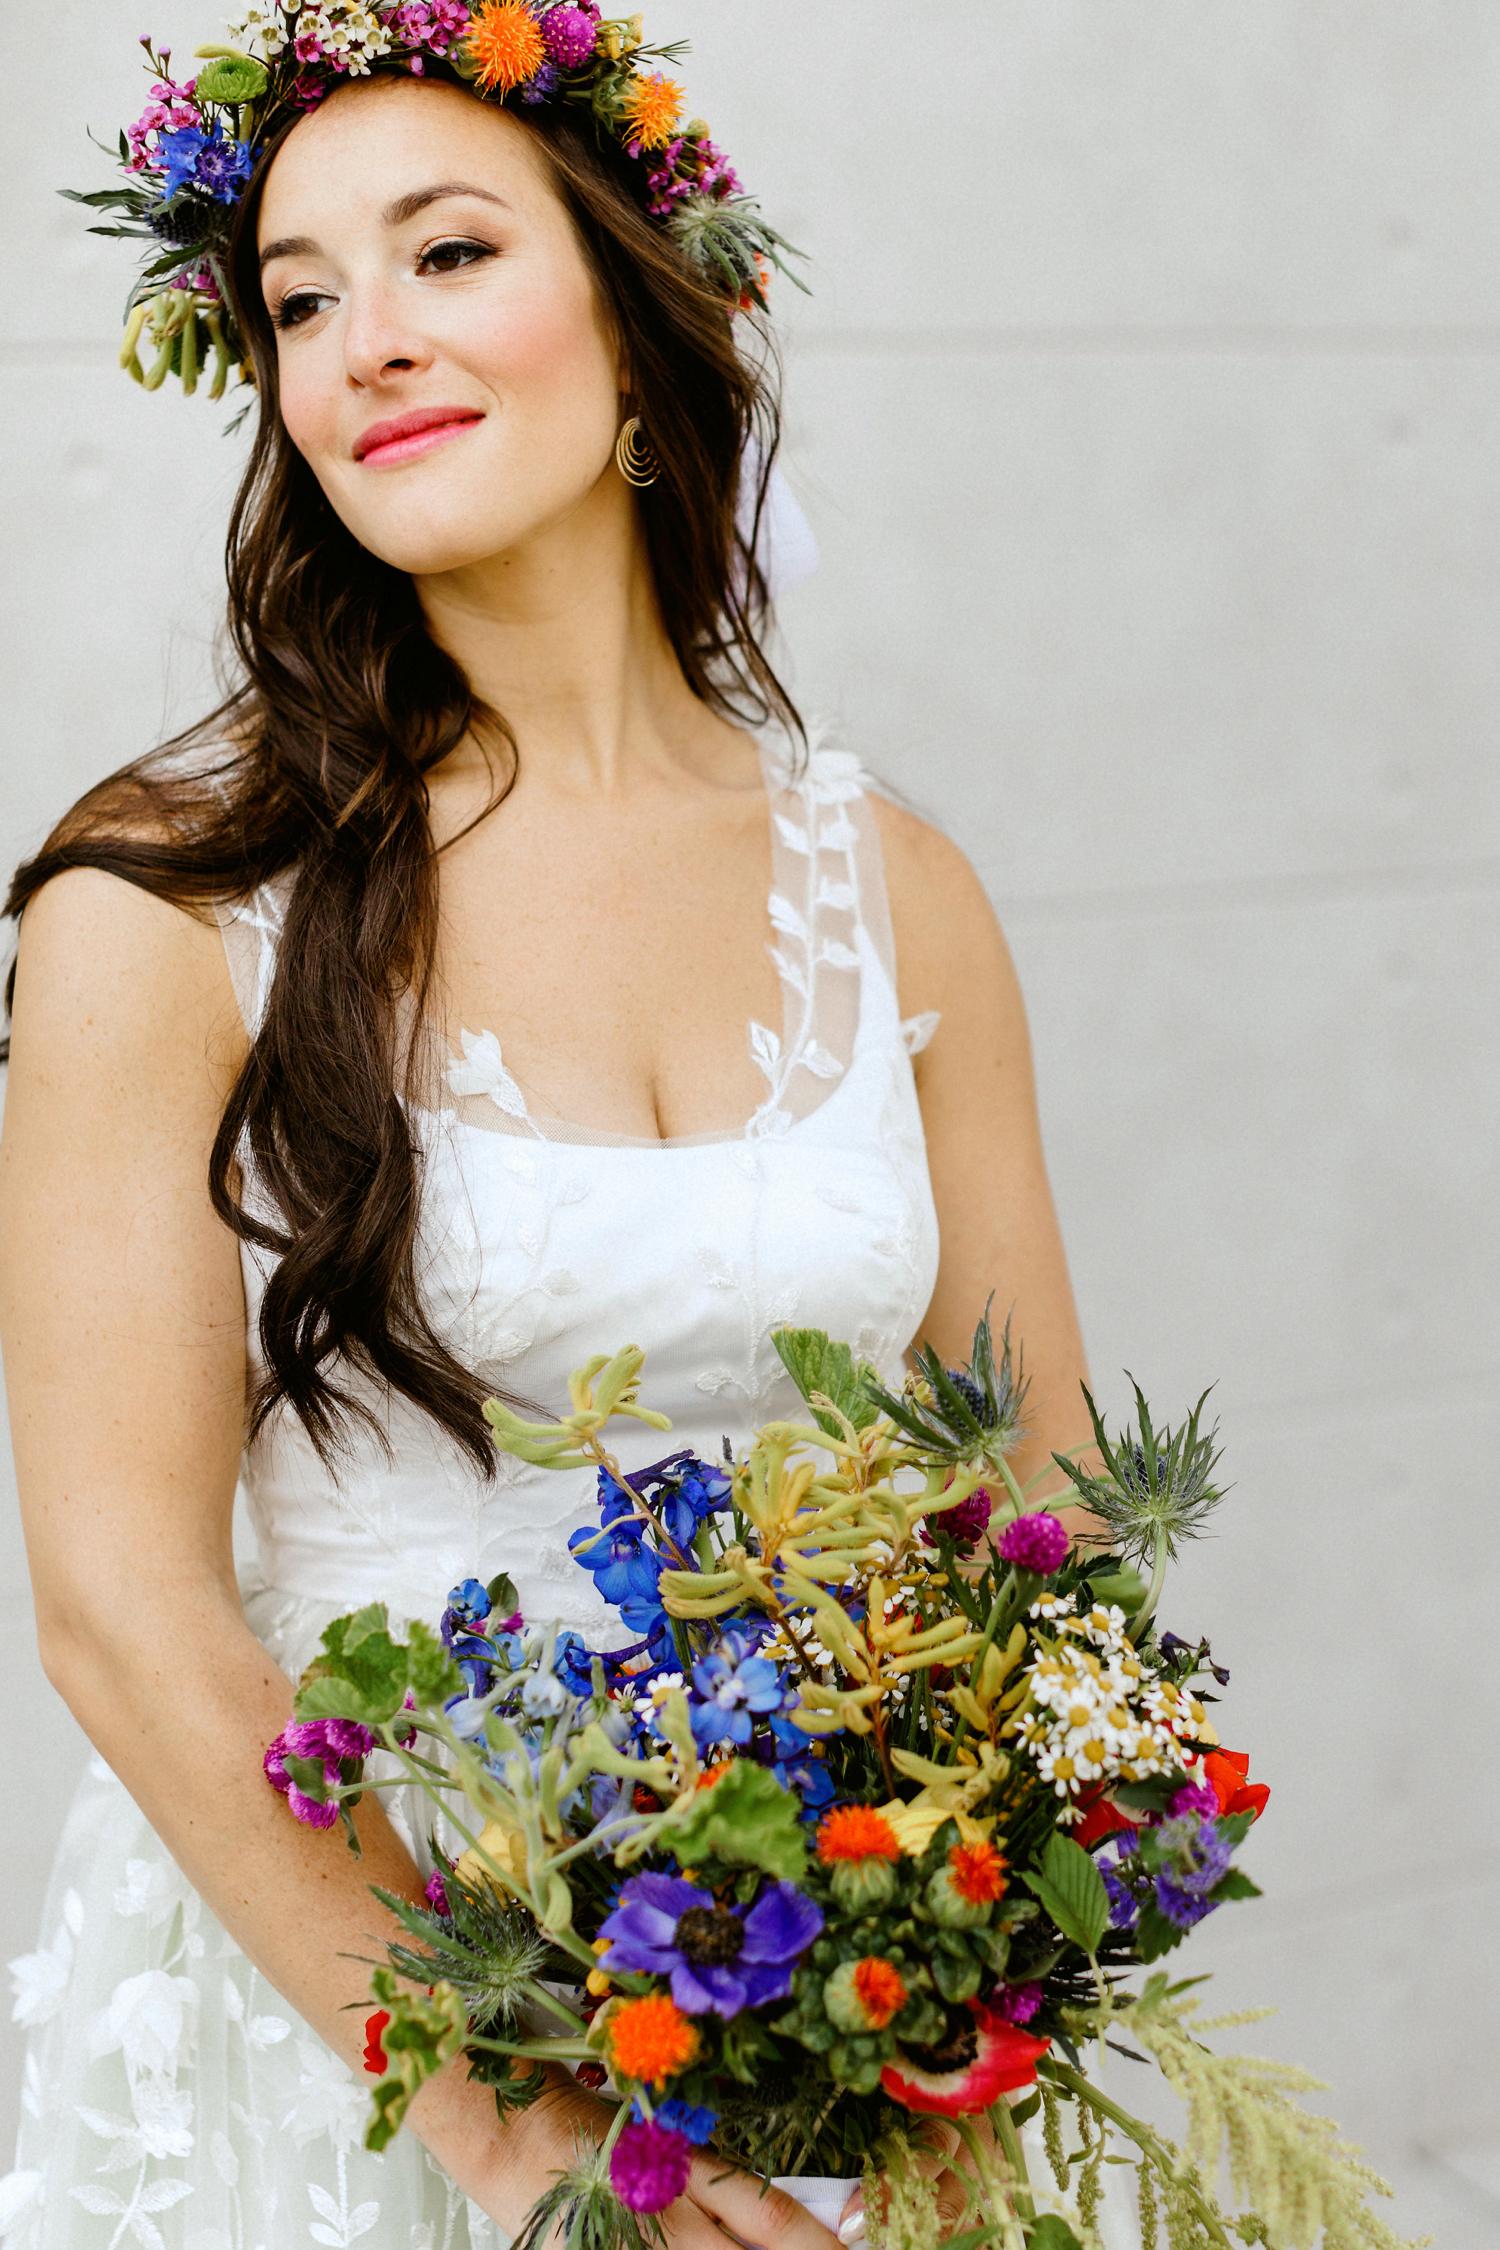 Bride_Flower_Crown_Summer_01_foundry_lic_long_island_city_wedding_summer_ivy_portraits_1500.jpg